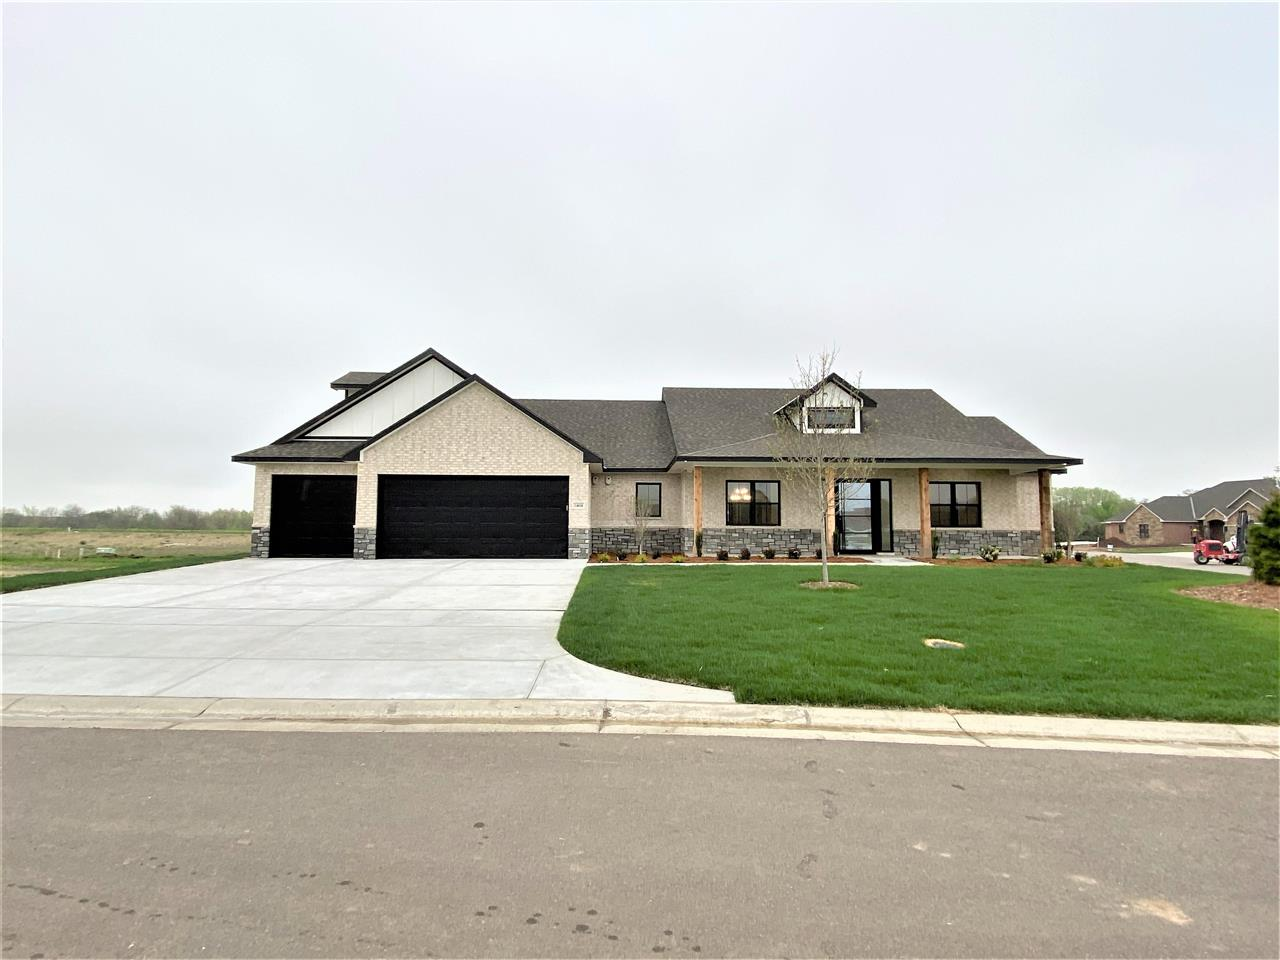 14018 E Willowgreen Ct, Wichita, KS 67230